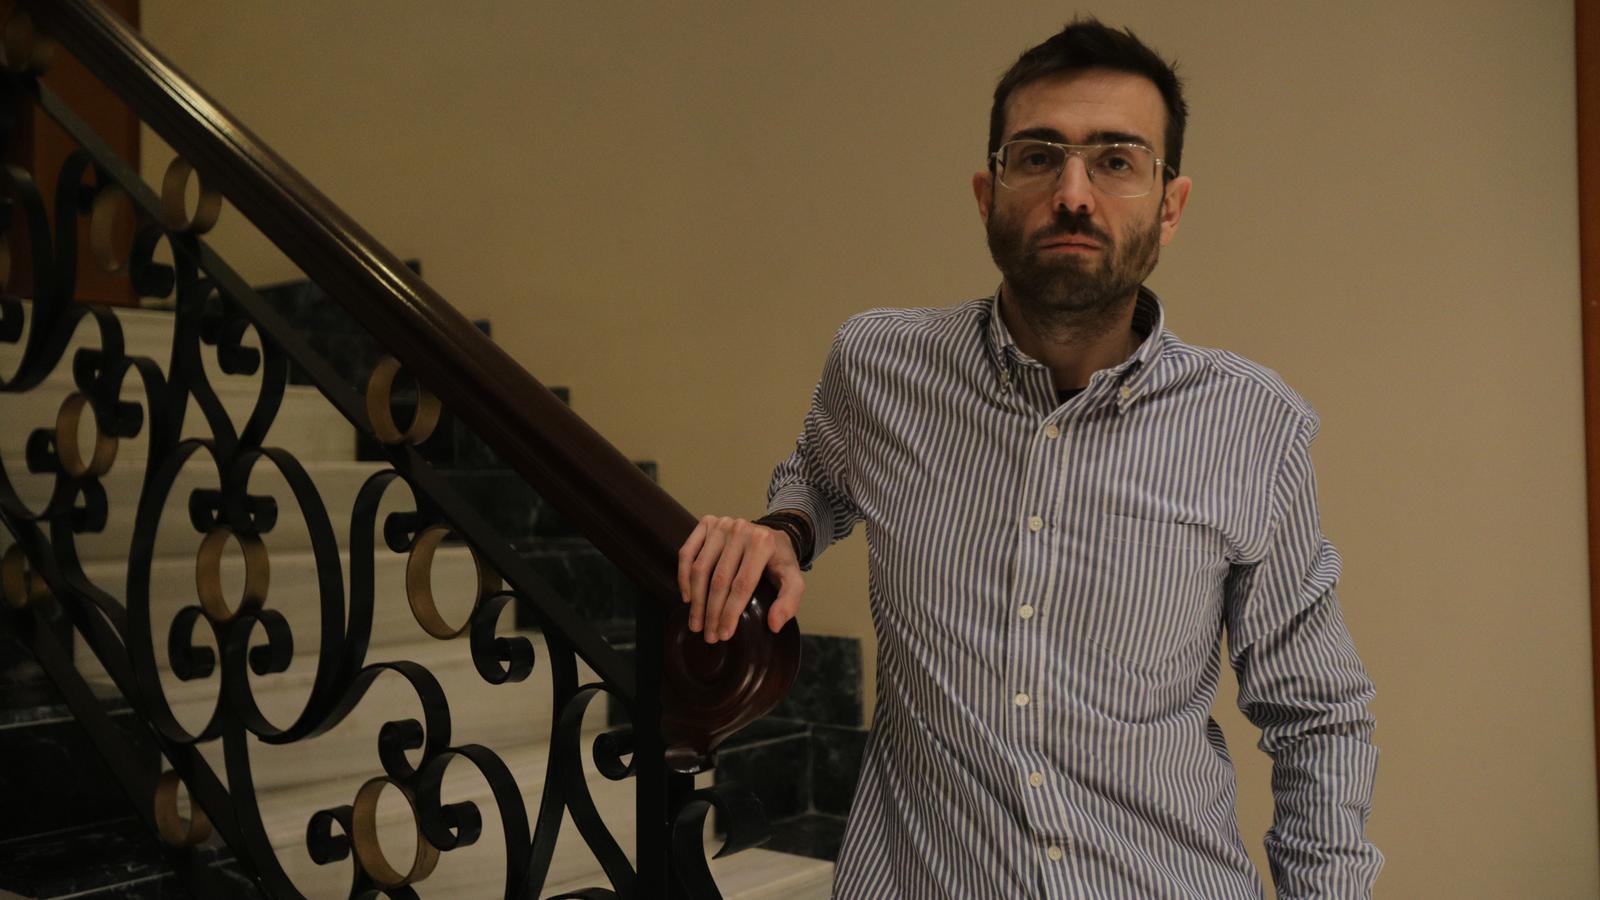 Kiko Llaneras és expert en anàlisi de dades, gràfics i processos electorals.